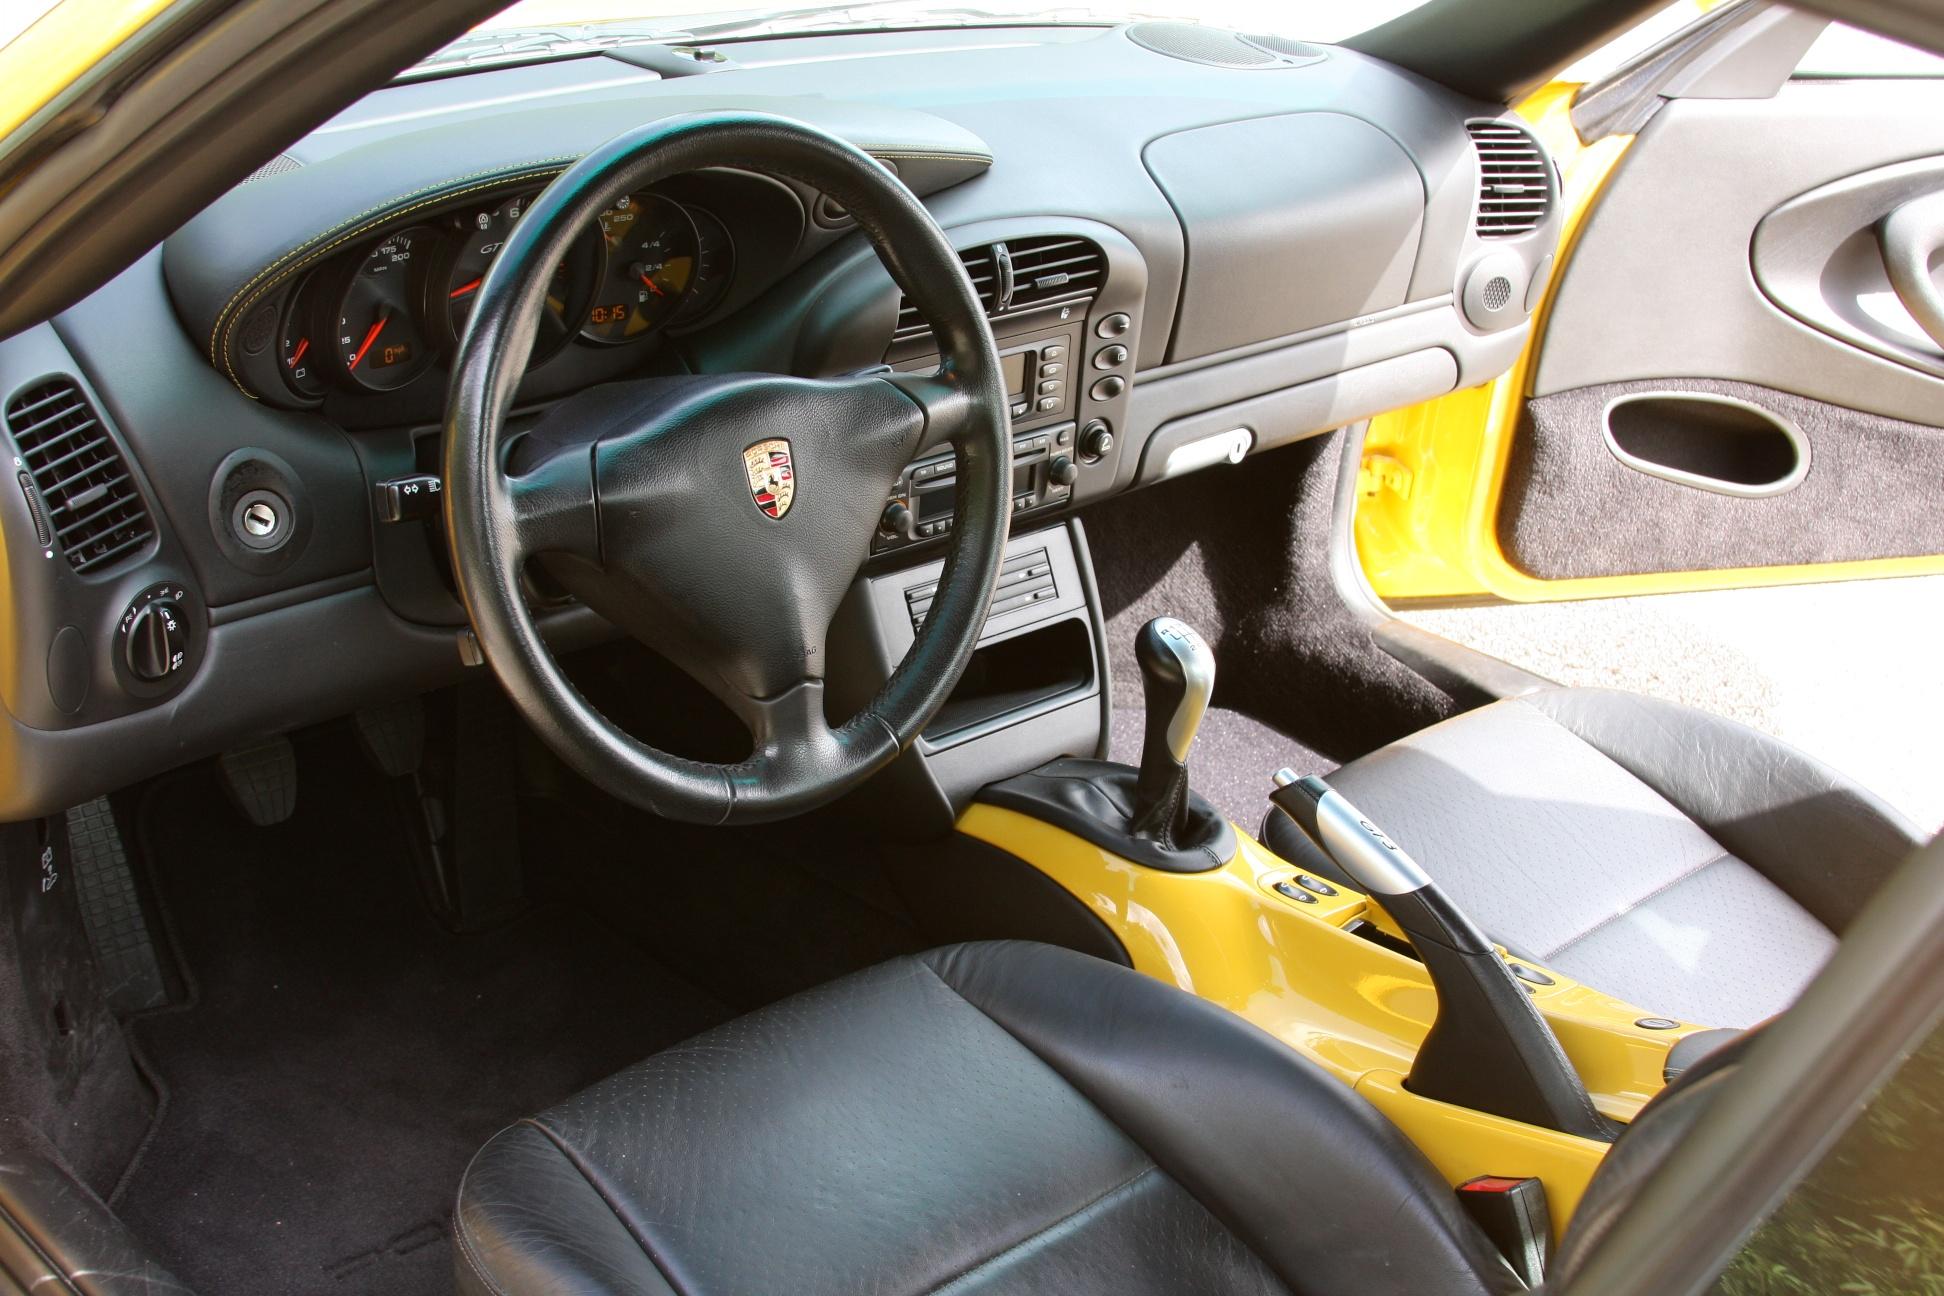 2004 Porsche 911 GT3 (4S692280) - 14.jpg